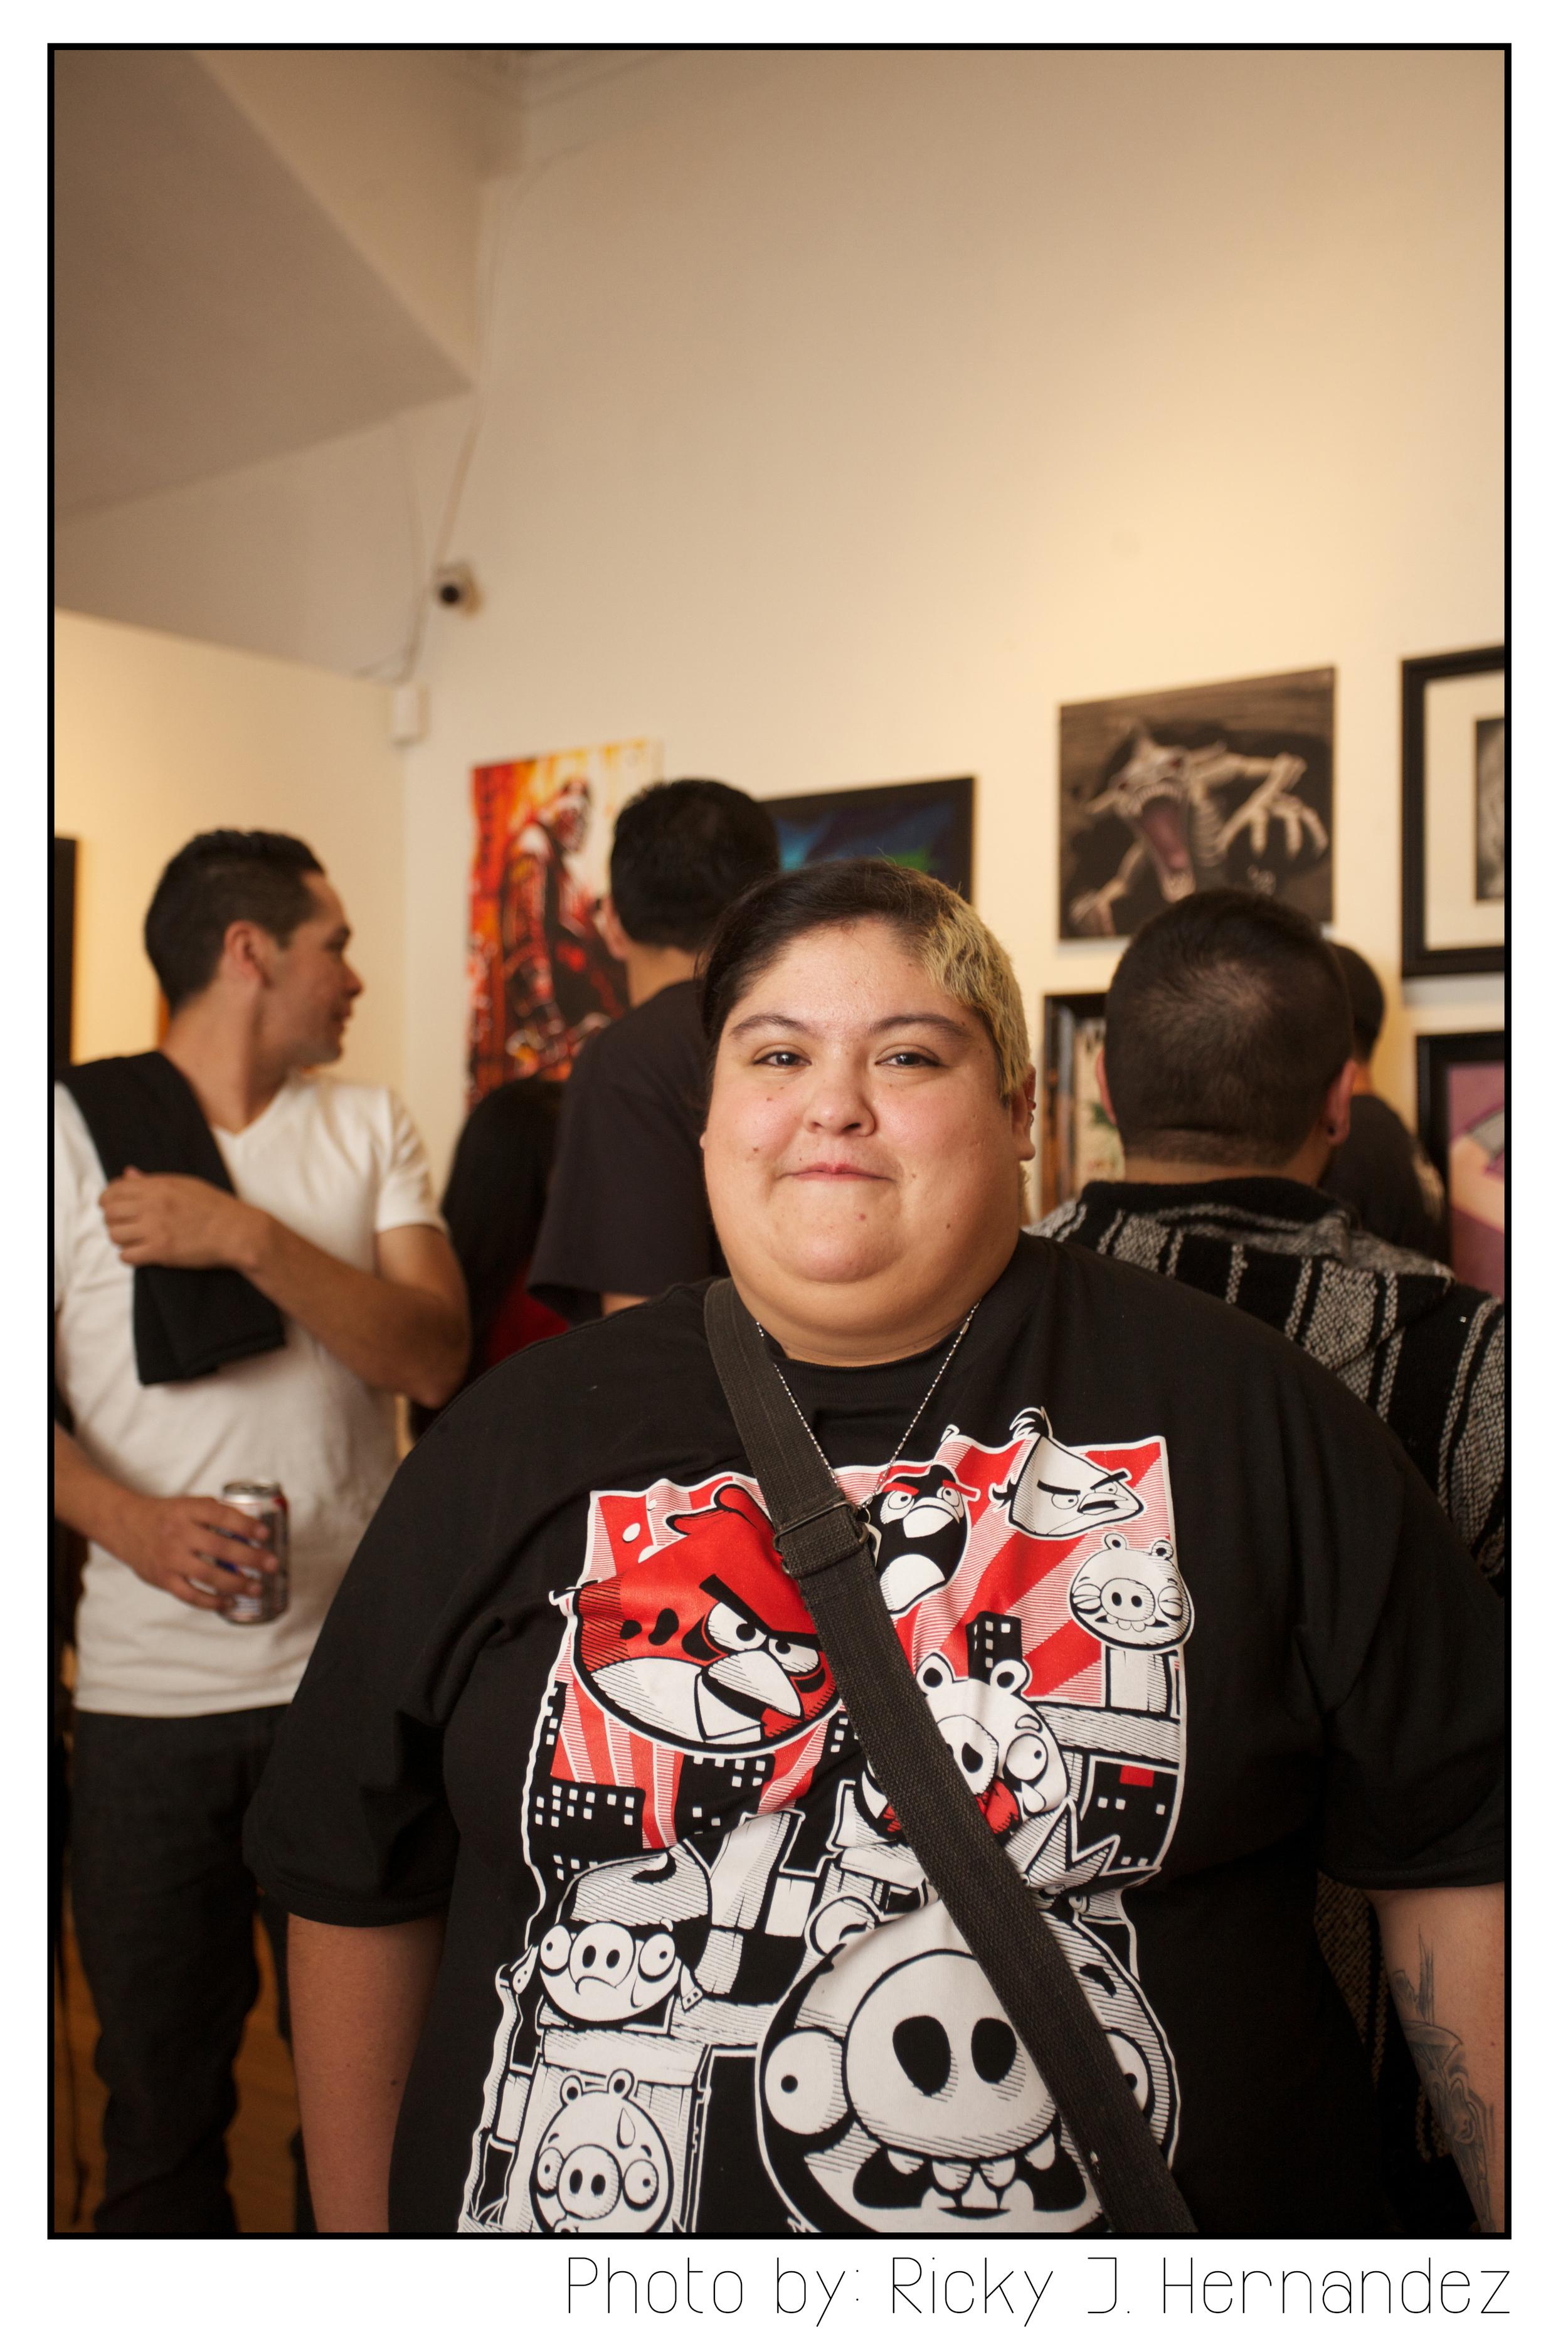 Ricky-J-Hernandez-com-714-200-3032-img-_MG_4745 copy